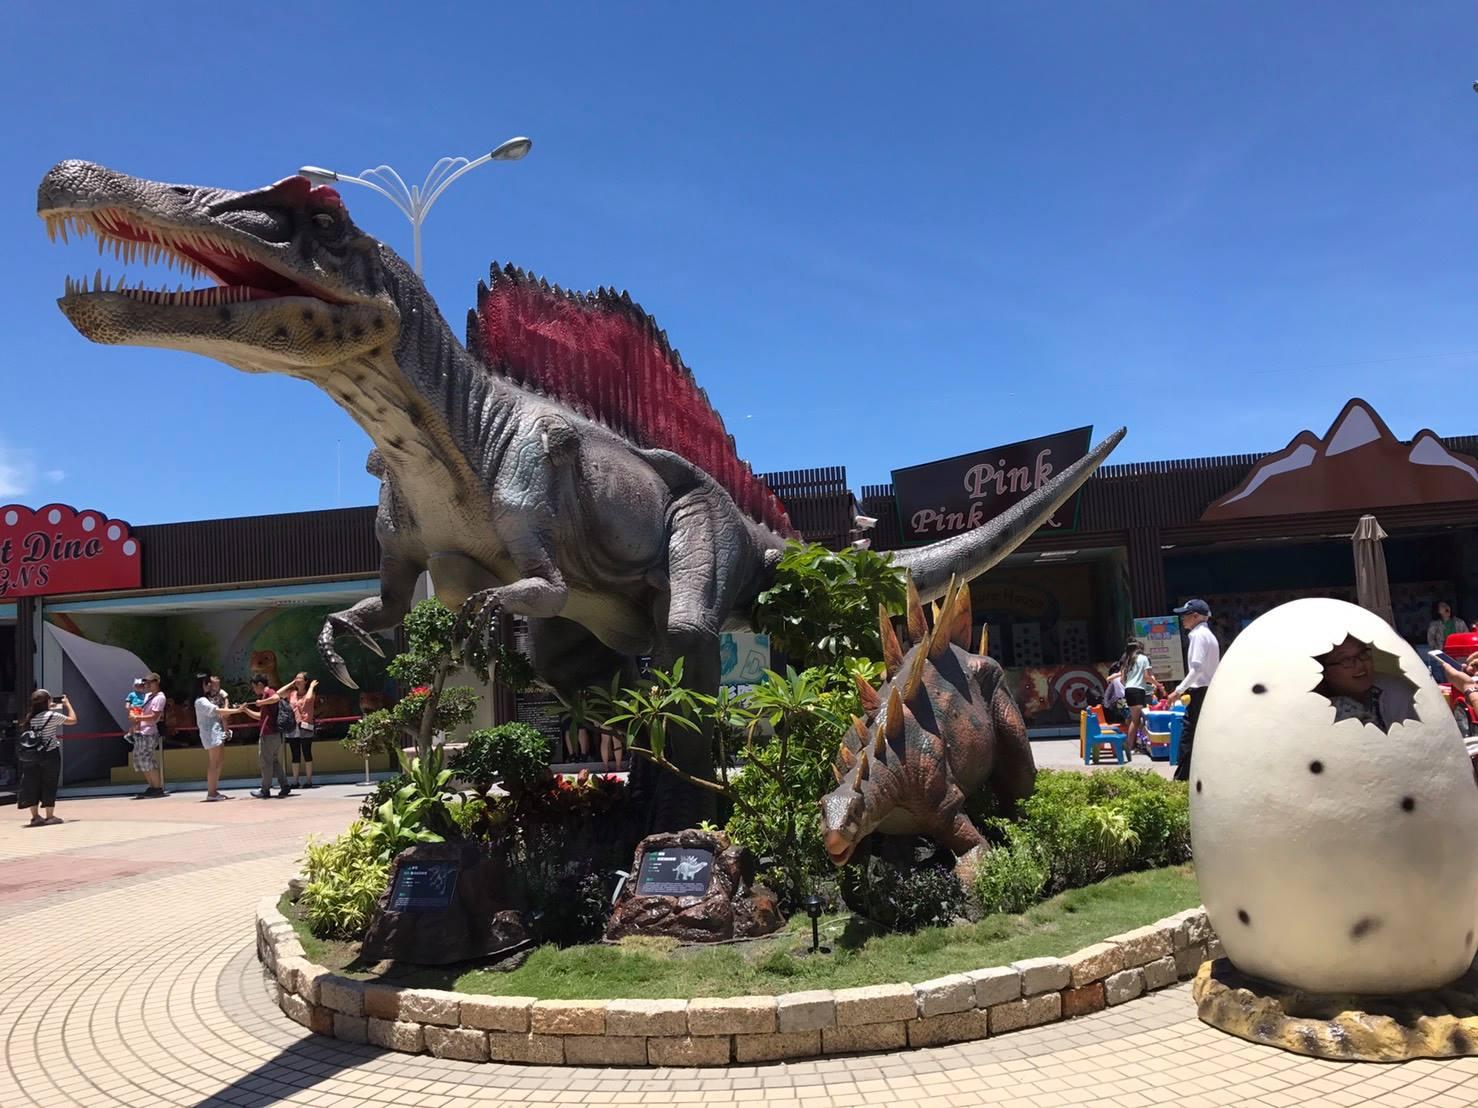 高雄夢時代頂樓變身恐龍探索樂園,占地約2000坪。圖/恐龍探索樂園臉書粉絲專頁